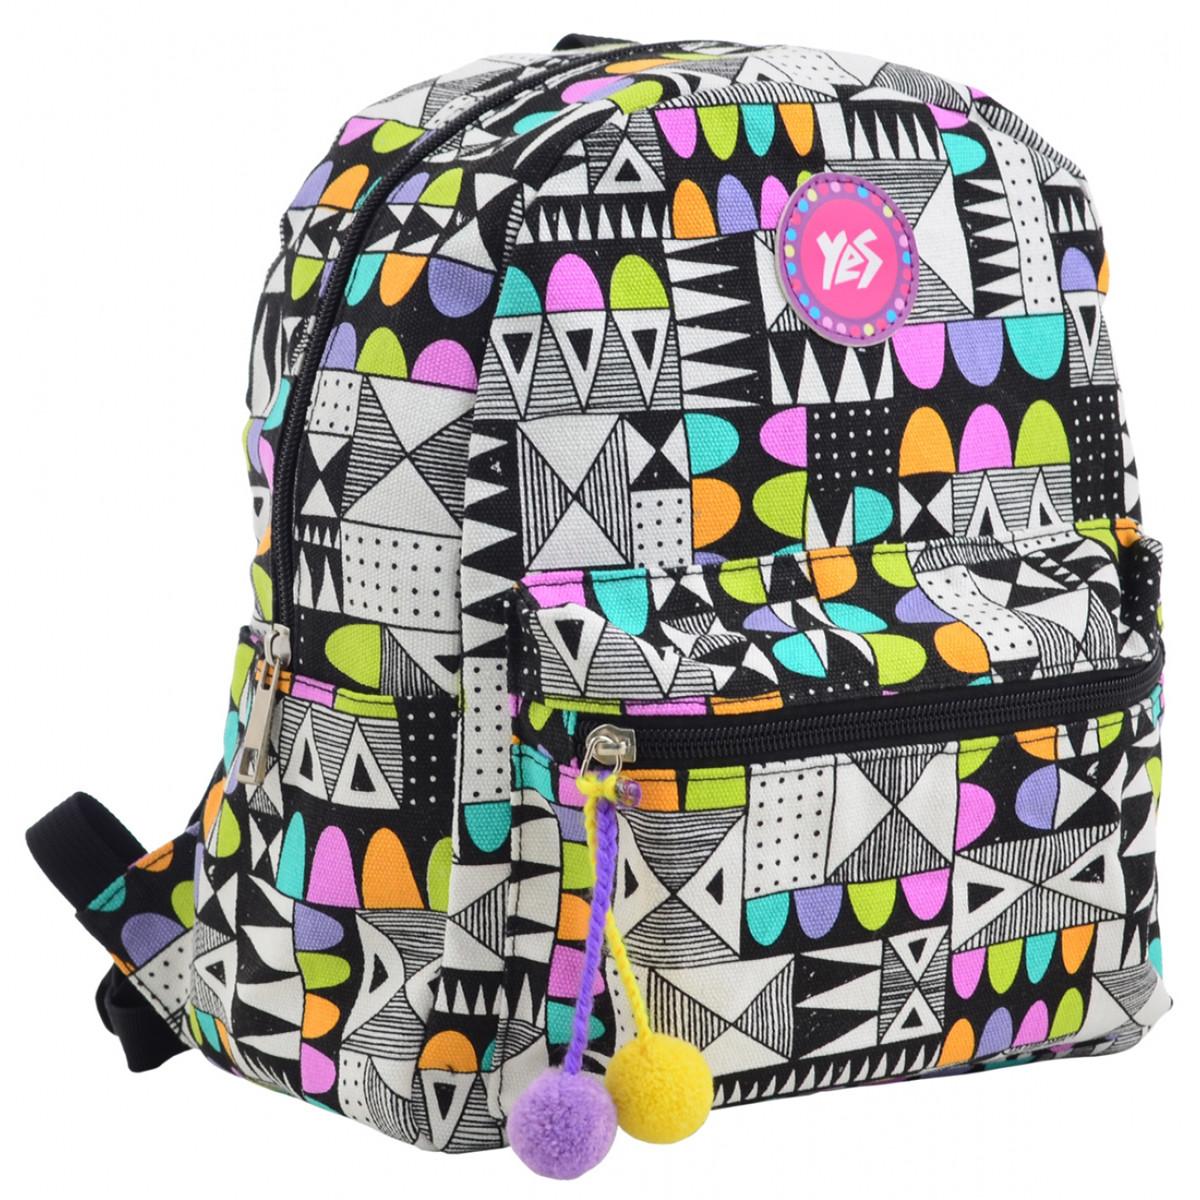 Рюкзак молодежный YES ST-32 Frame, 28*22*12 555436